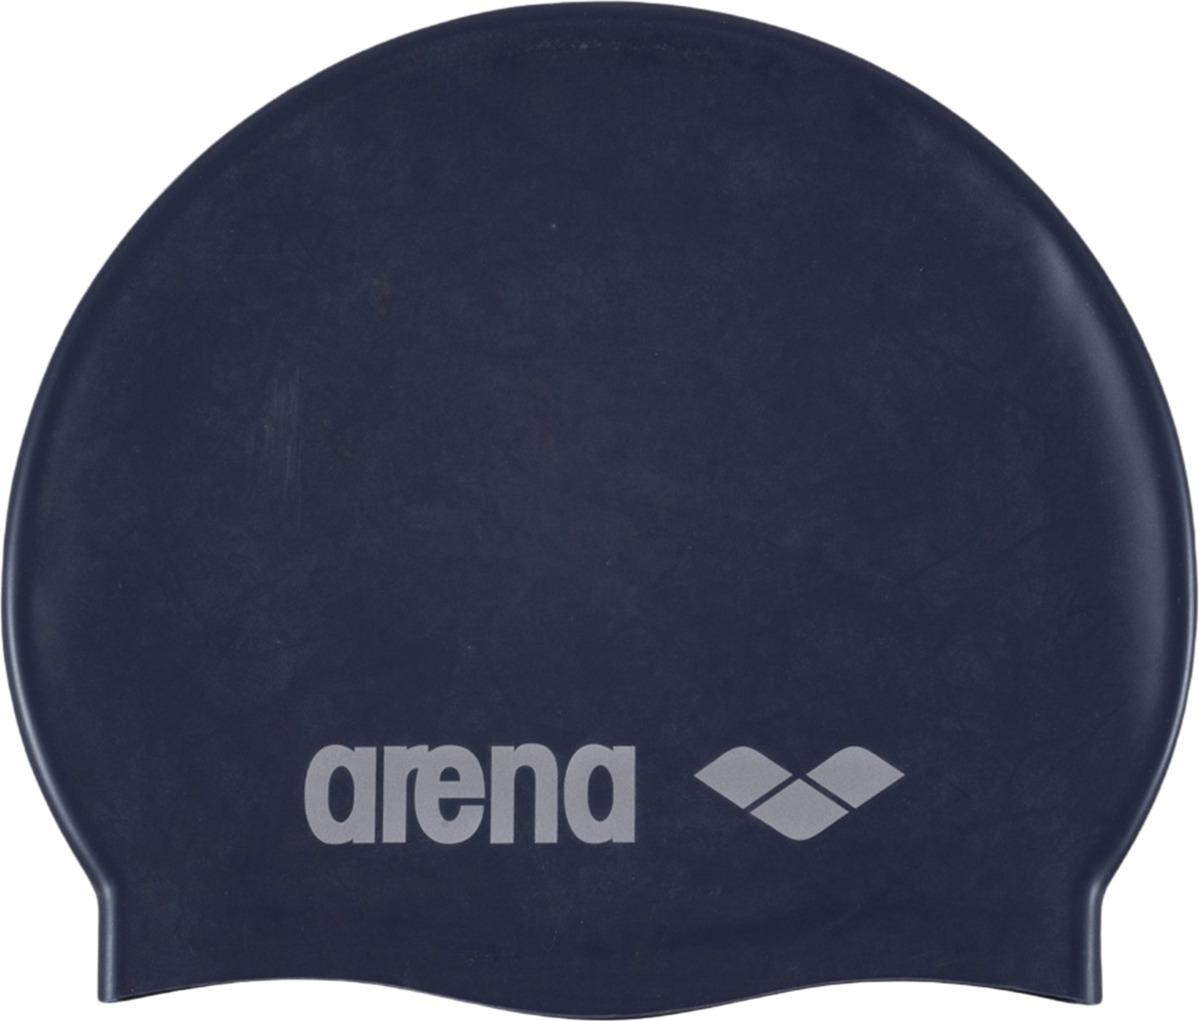 Шапочка для плавания детская Arena Classic Silicone Jr, цвет: деним. 91670 71 шапочка для плавания arena polyester  цвет  темно синий